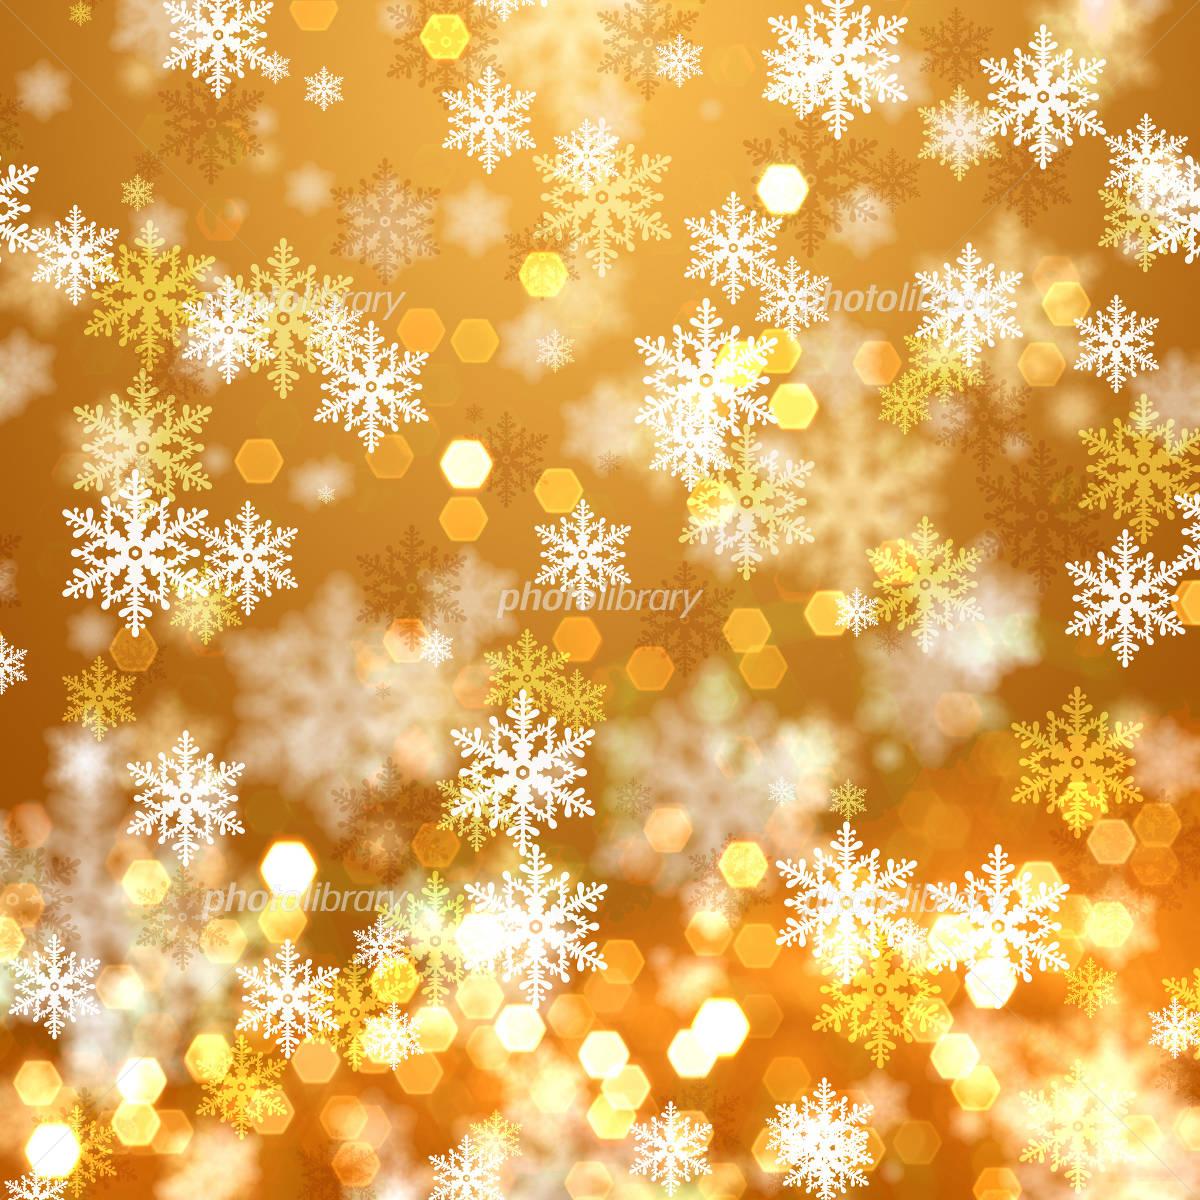 雪の結晶の背景素材のイラスト素材